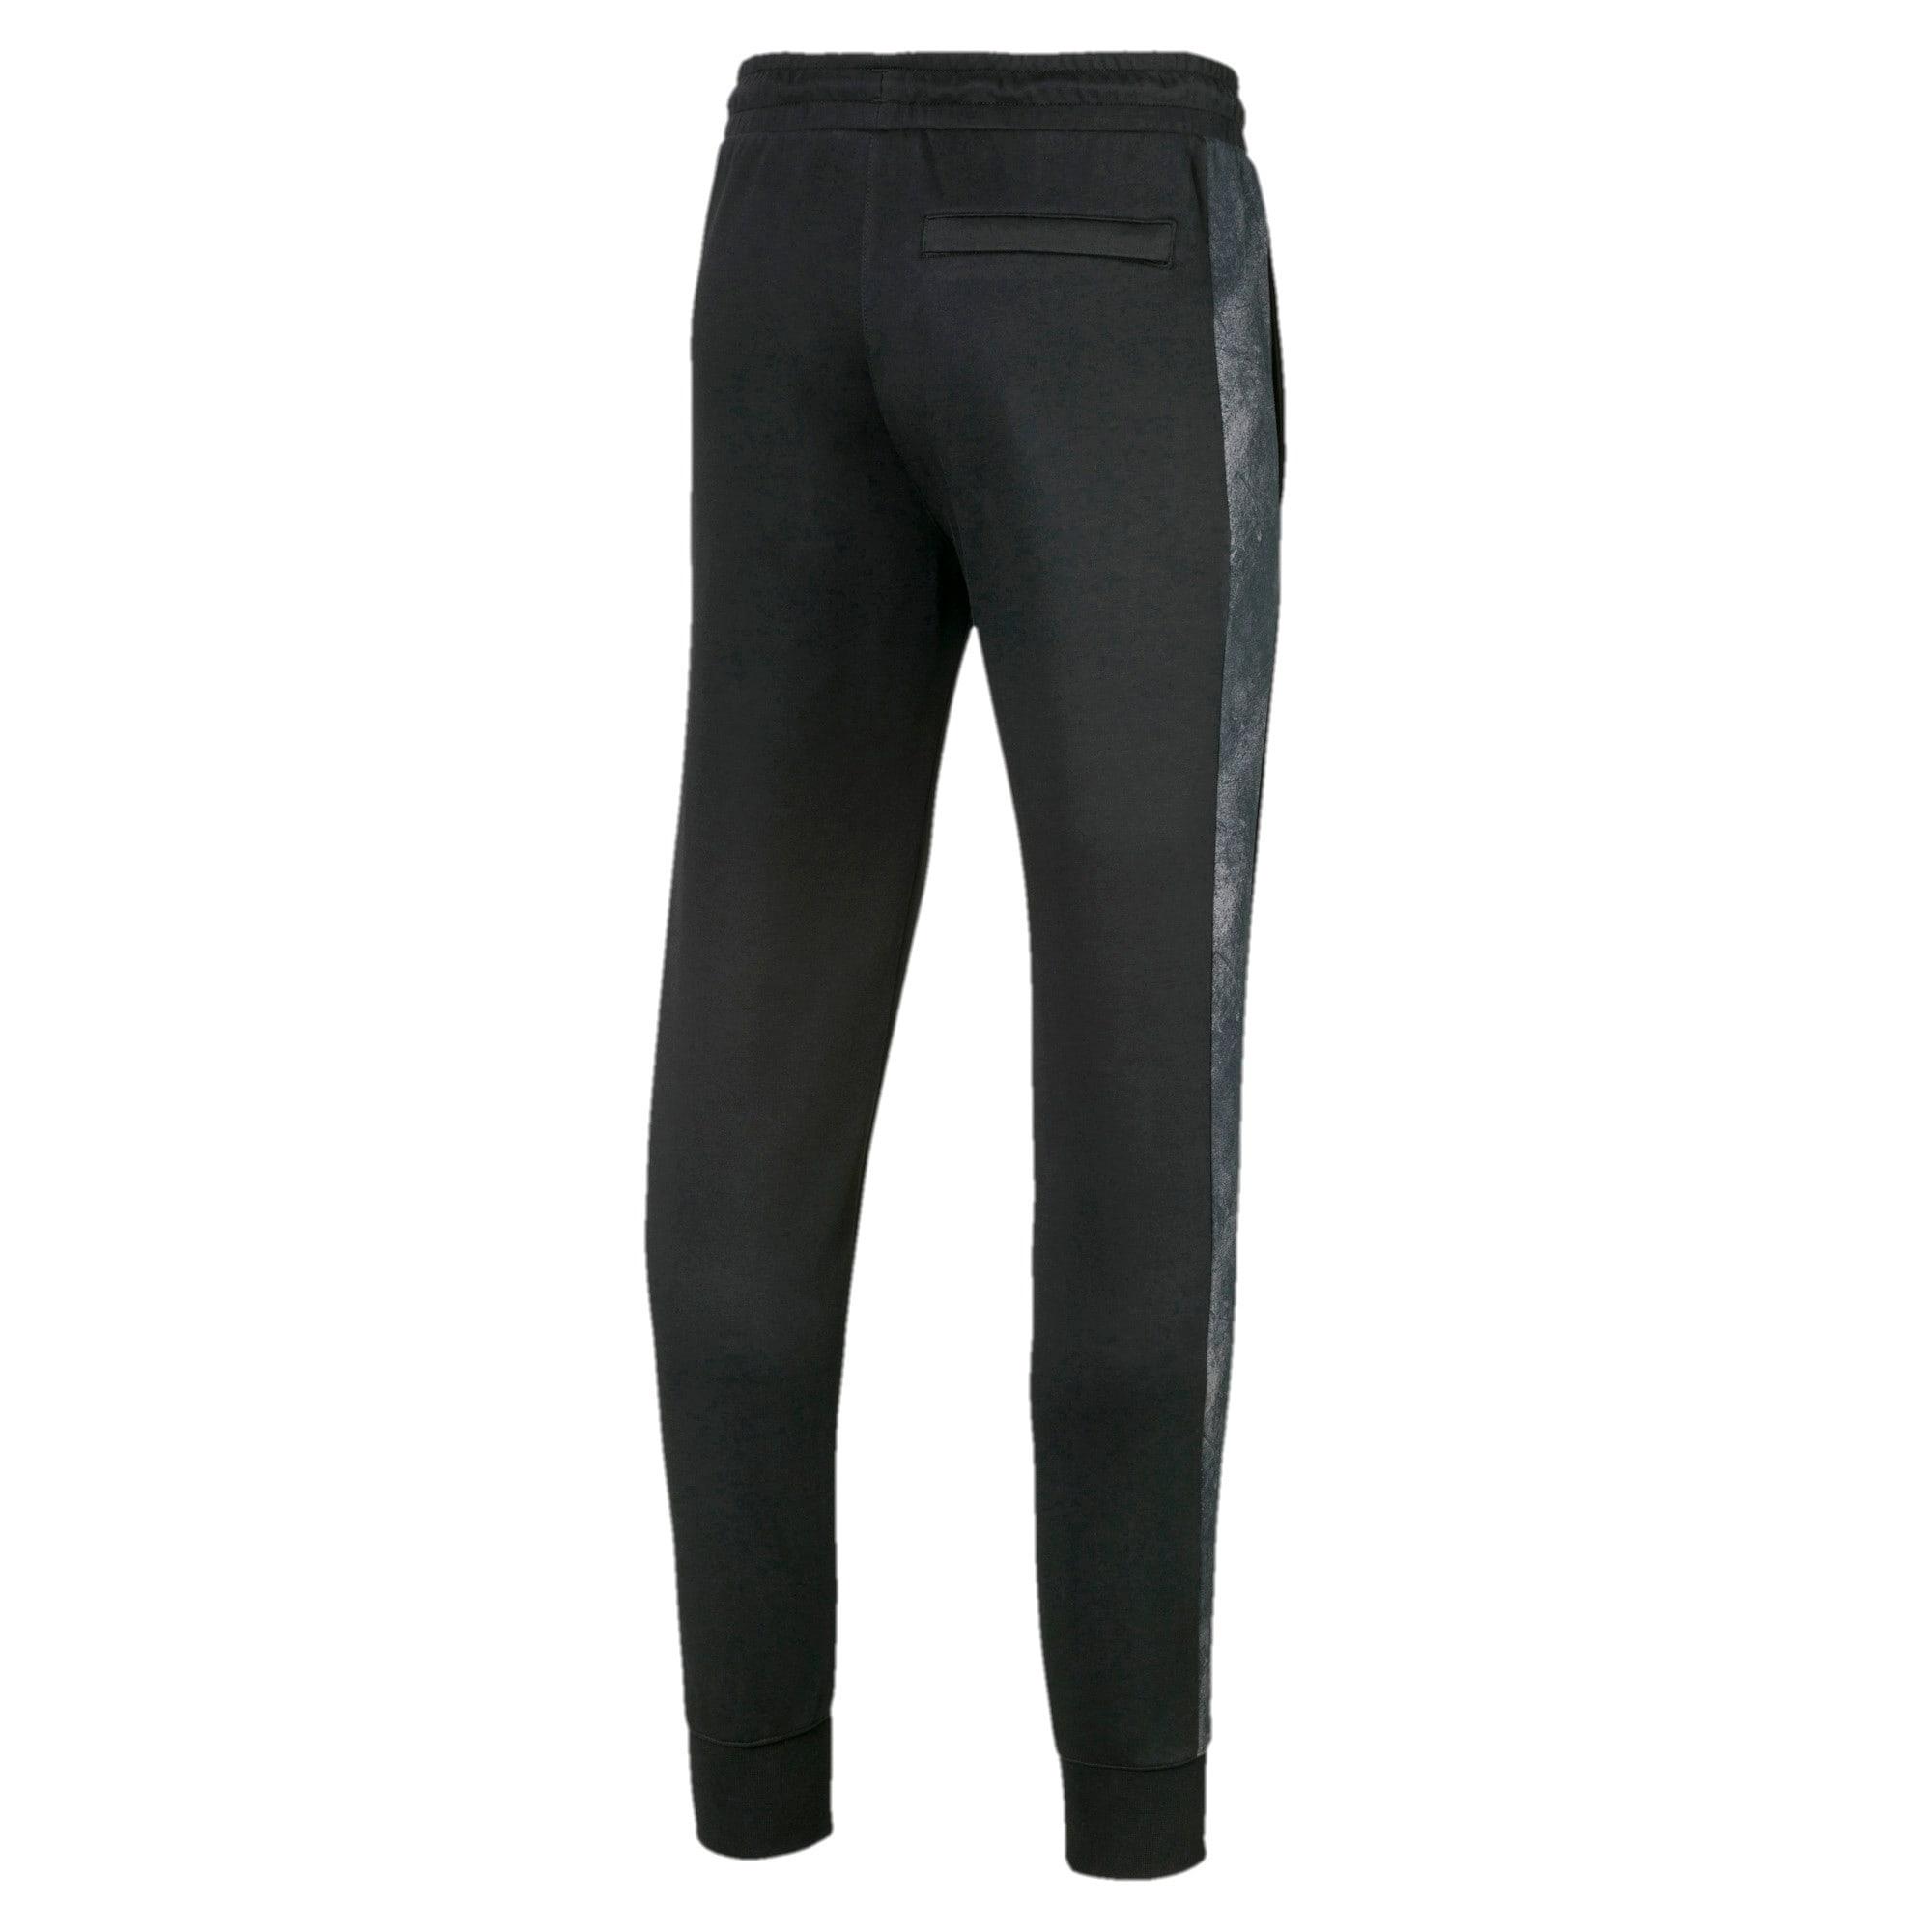 Thumbnail 5 of Classics All-Over Print T7 Men's Pants, Puma Black-3, medium-IND